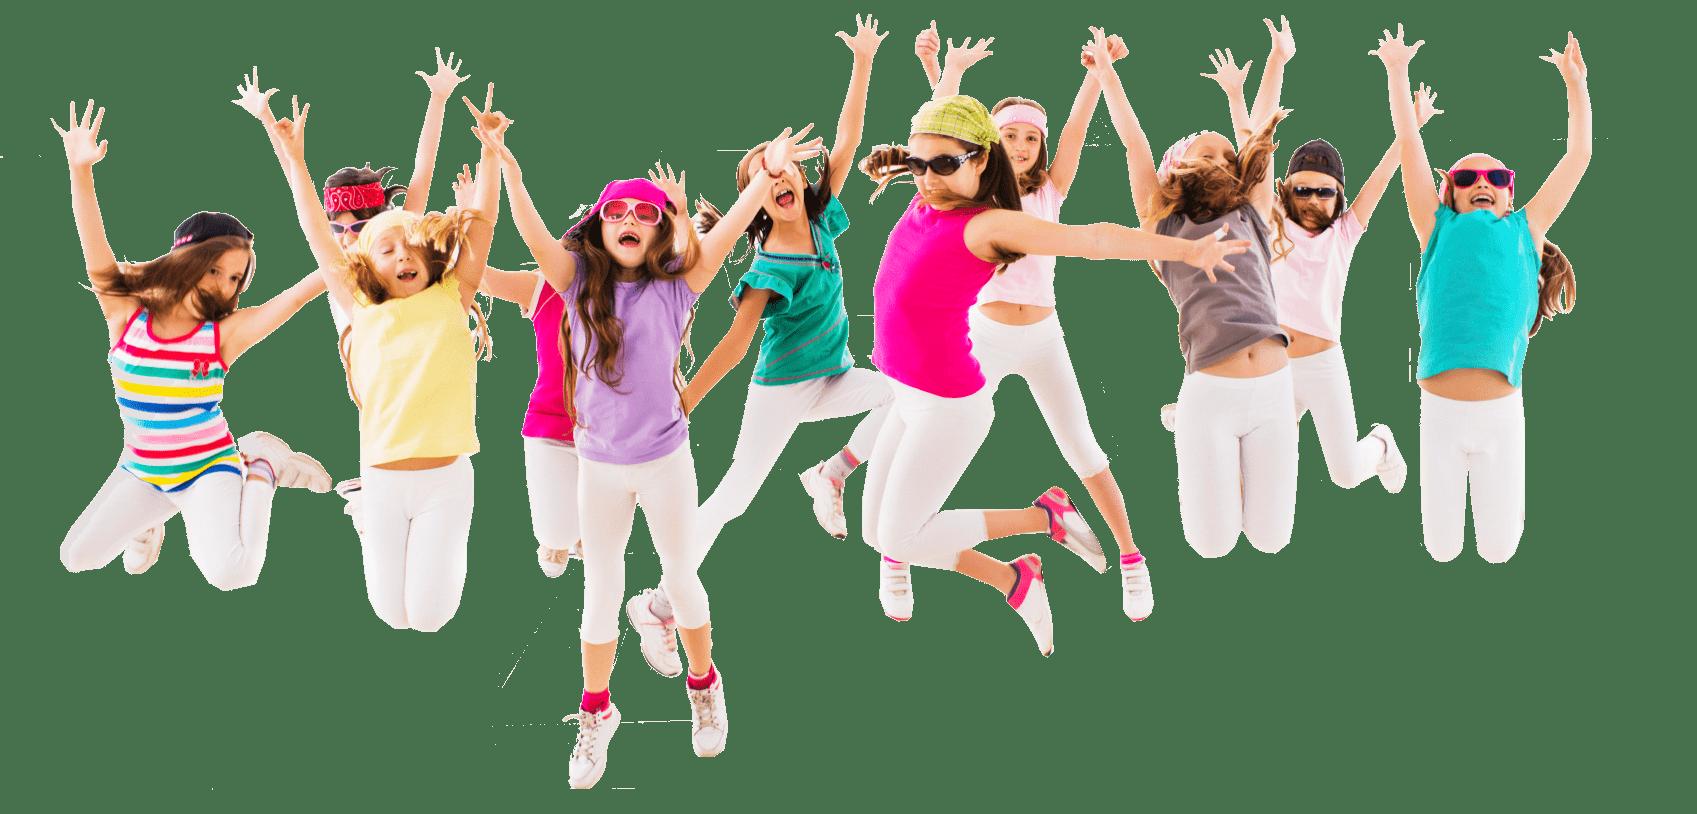 Cerca persone Stuedents Gusto A Teen Di Donne Stile Squisito Mochila Vhvcx Scuola.